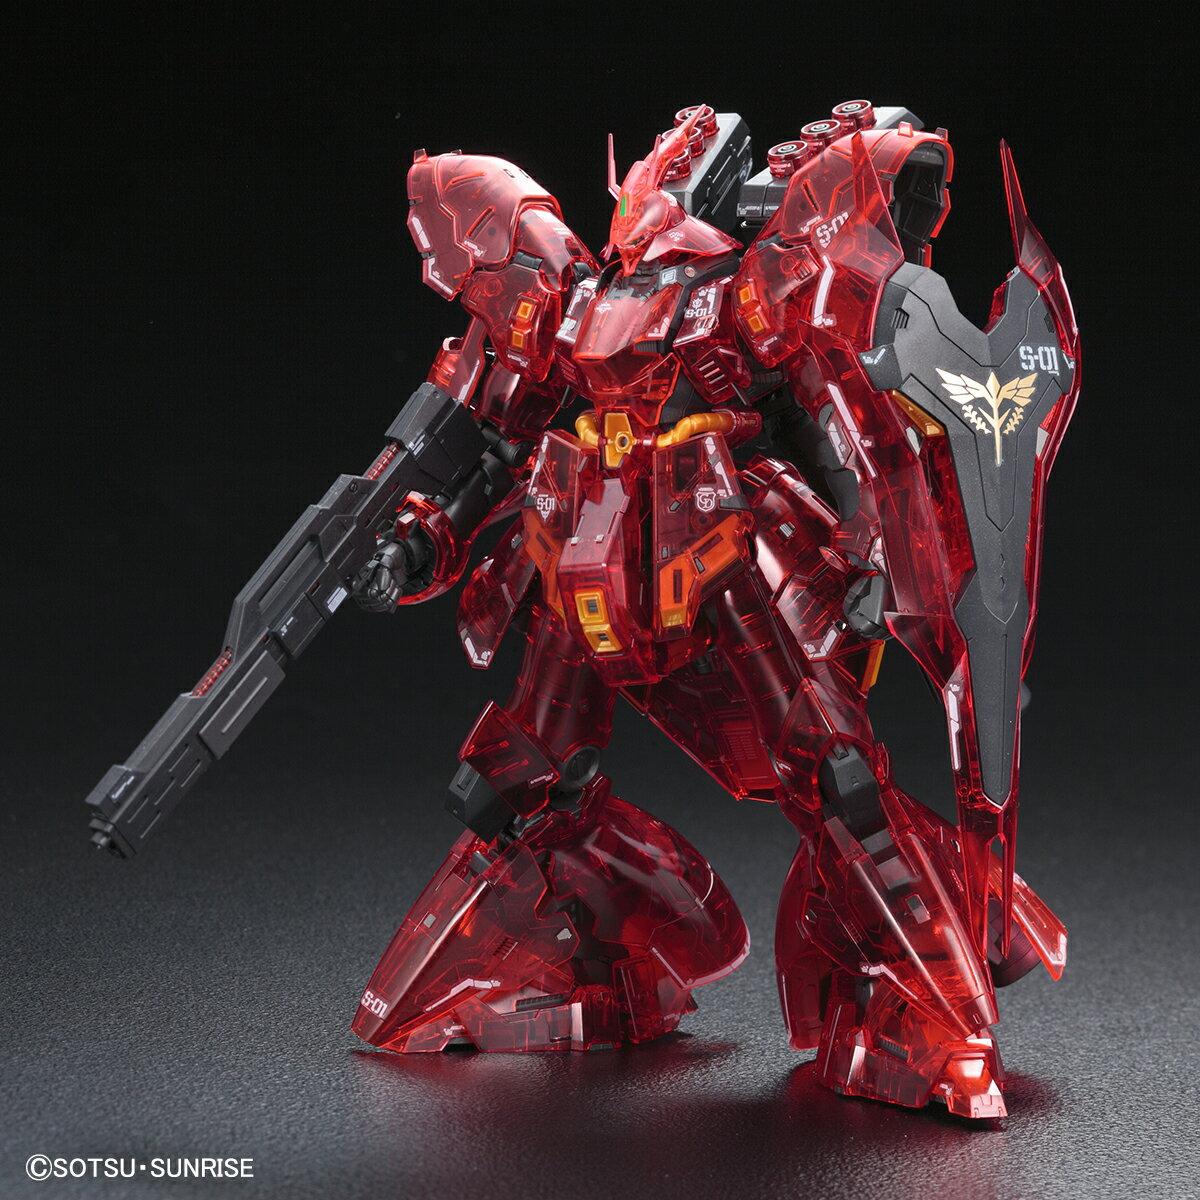 プラモデル・模型, ロボット RG 1144